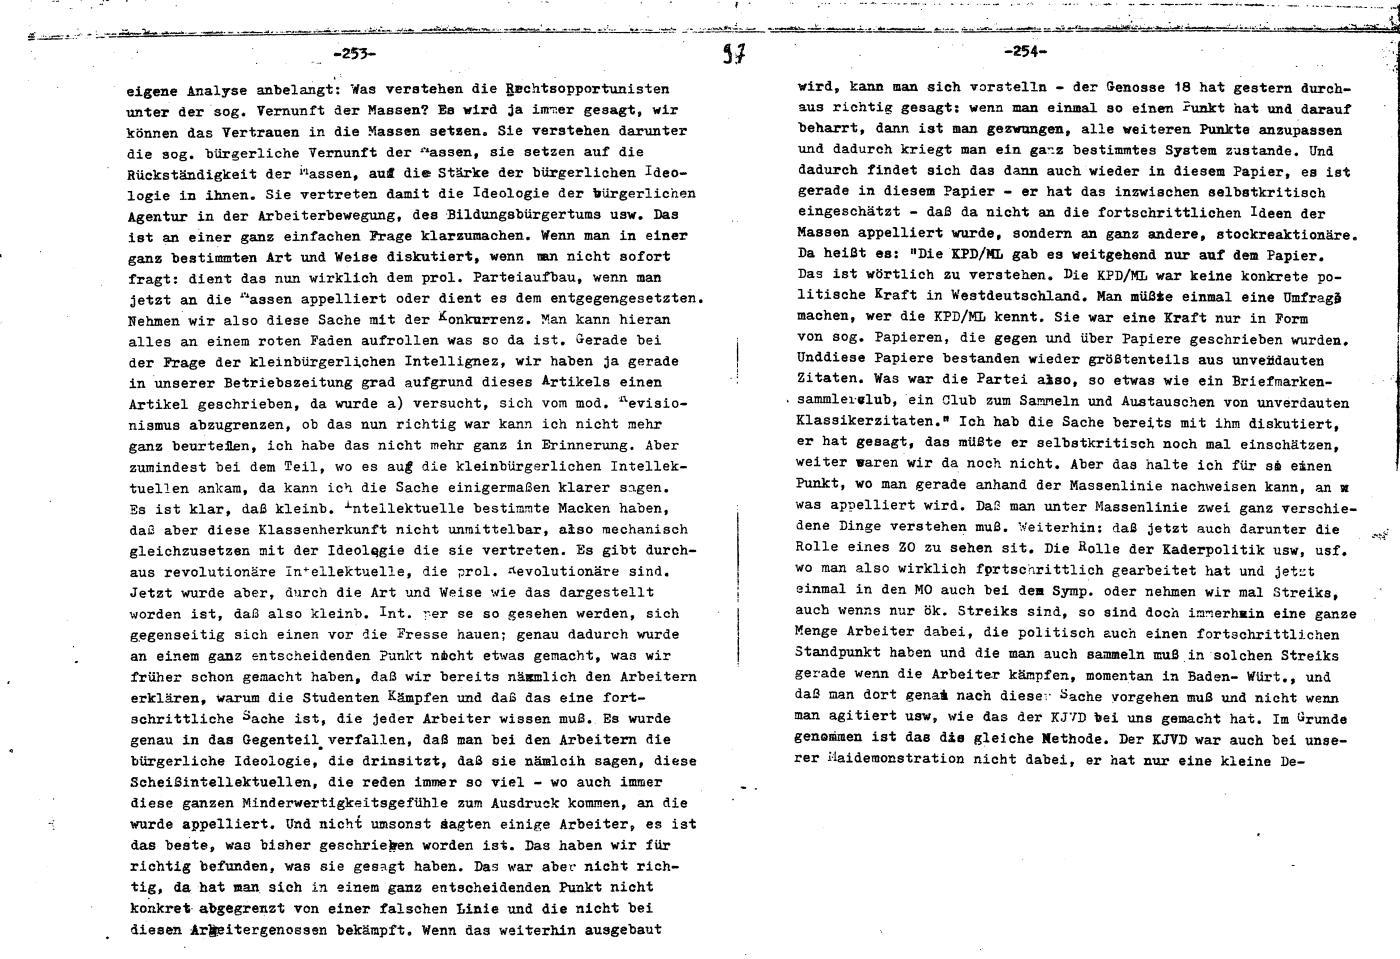 KPDML_1971_Wortprotokolle_aoPt_061